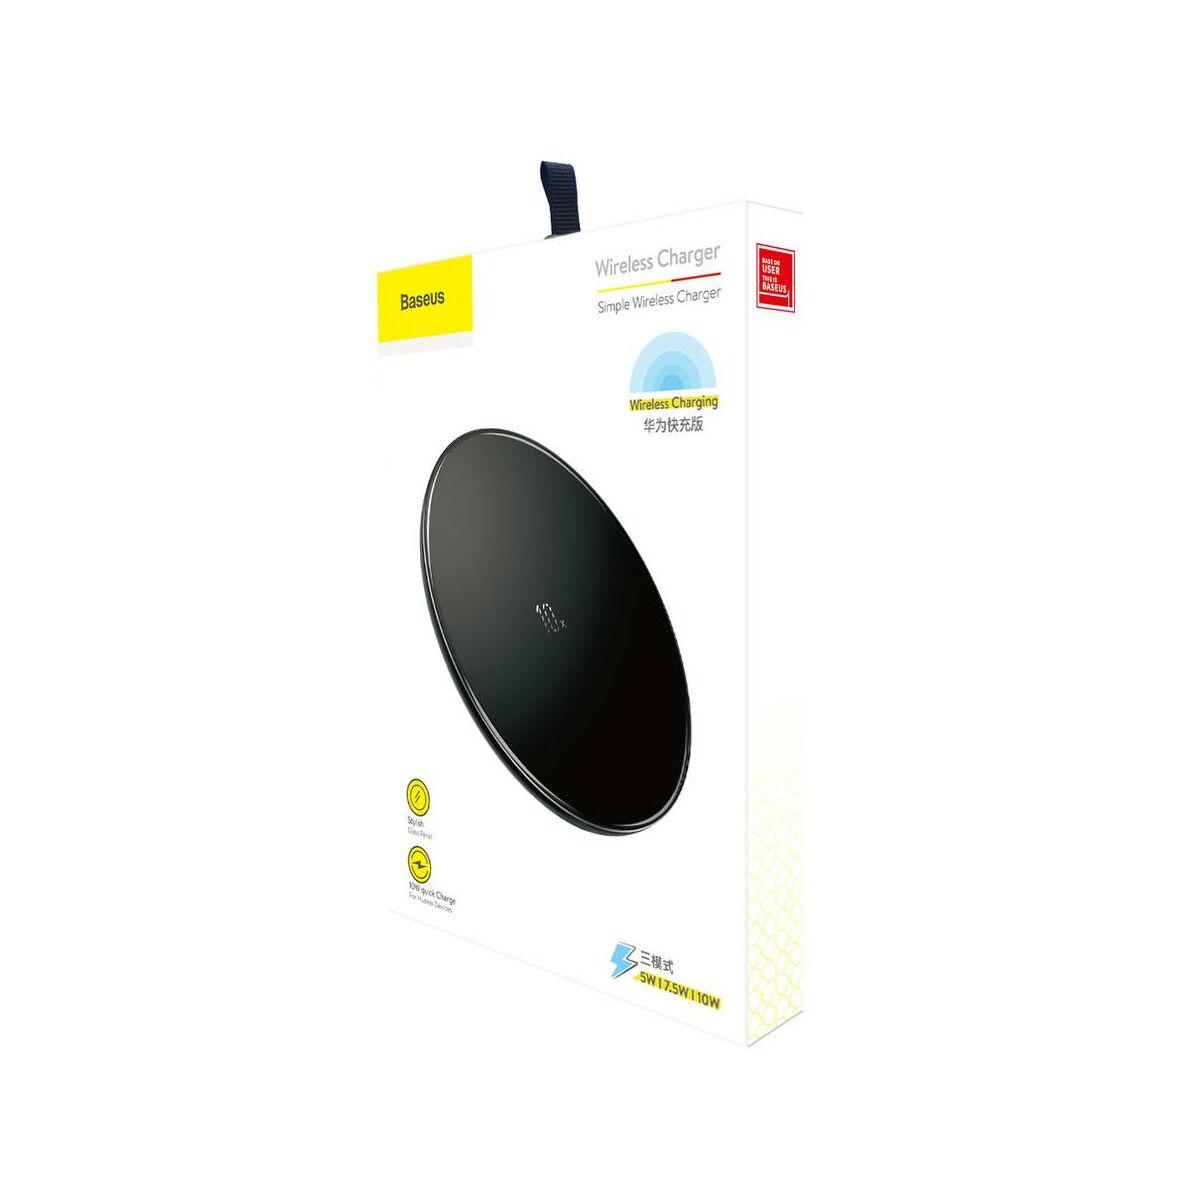 Baseus vezeték nélküli töltő 10W, fekete (CCALL-CJK01)